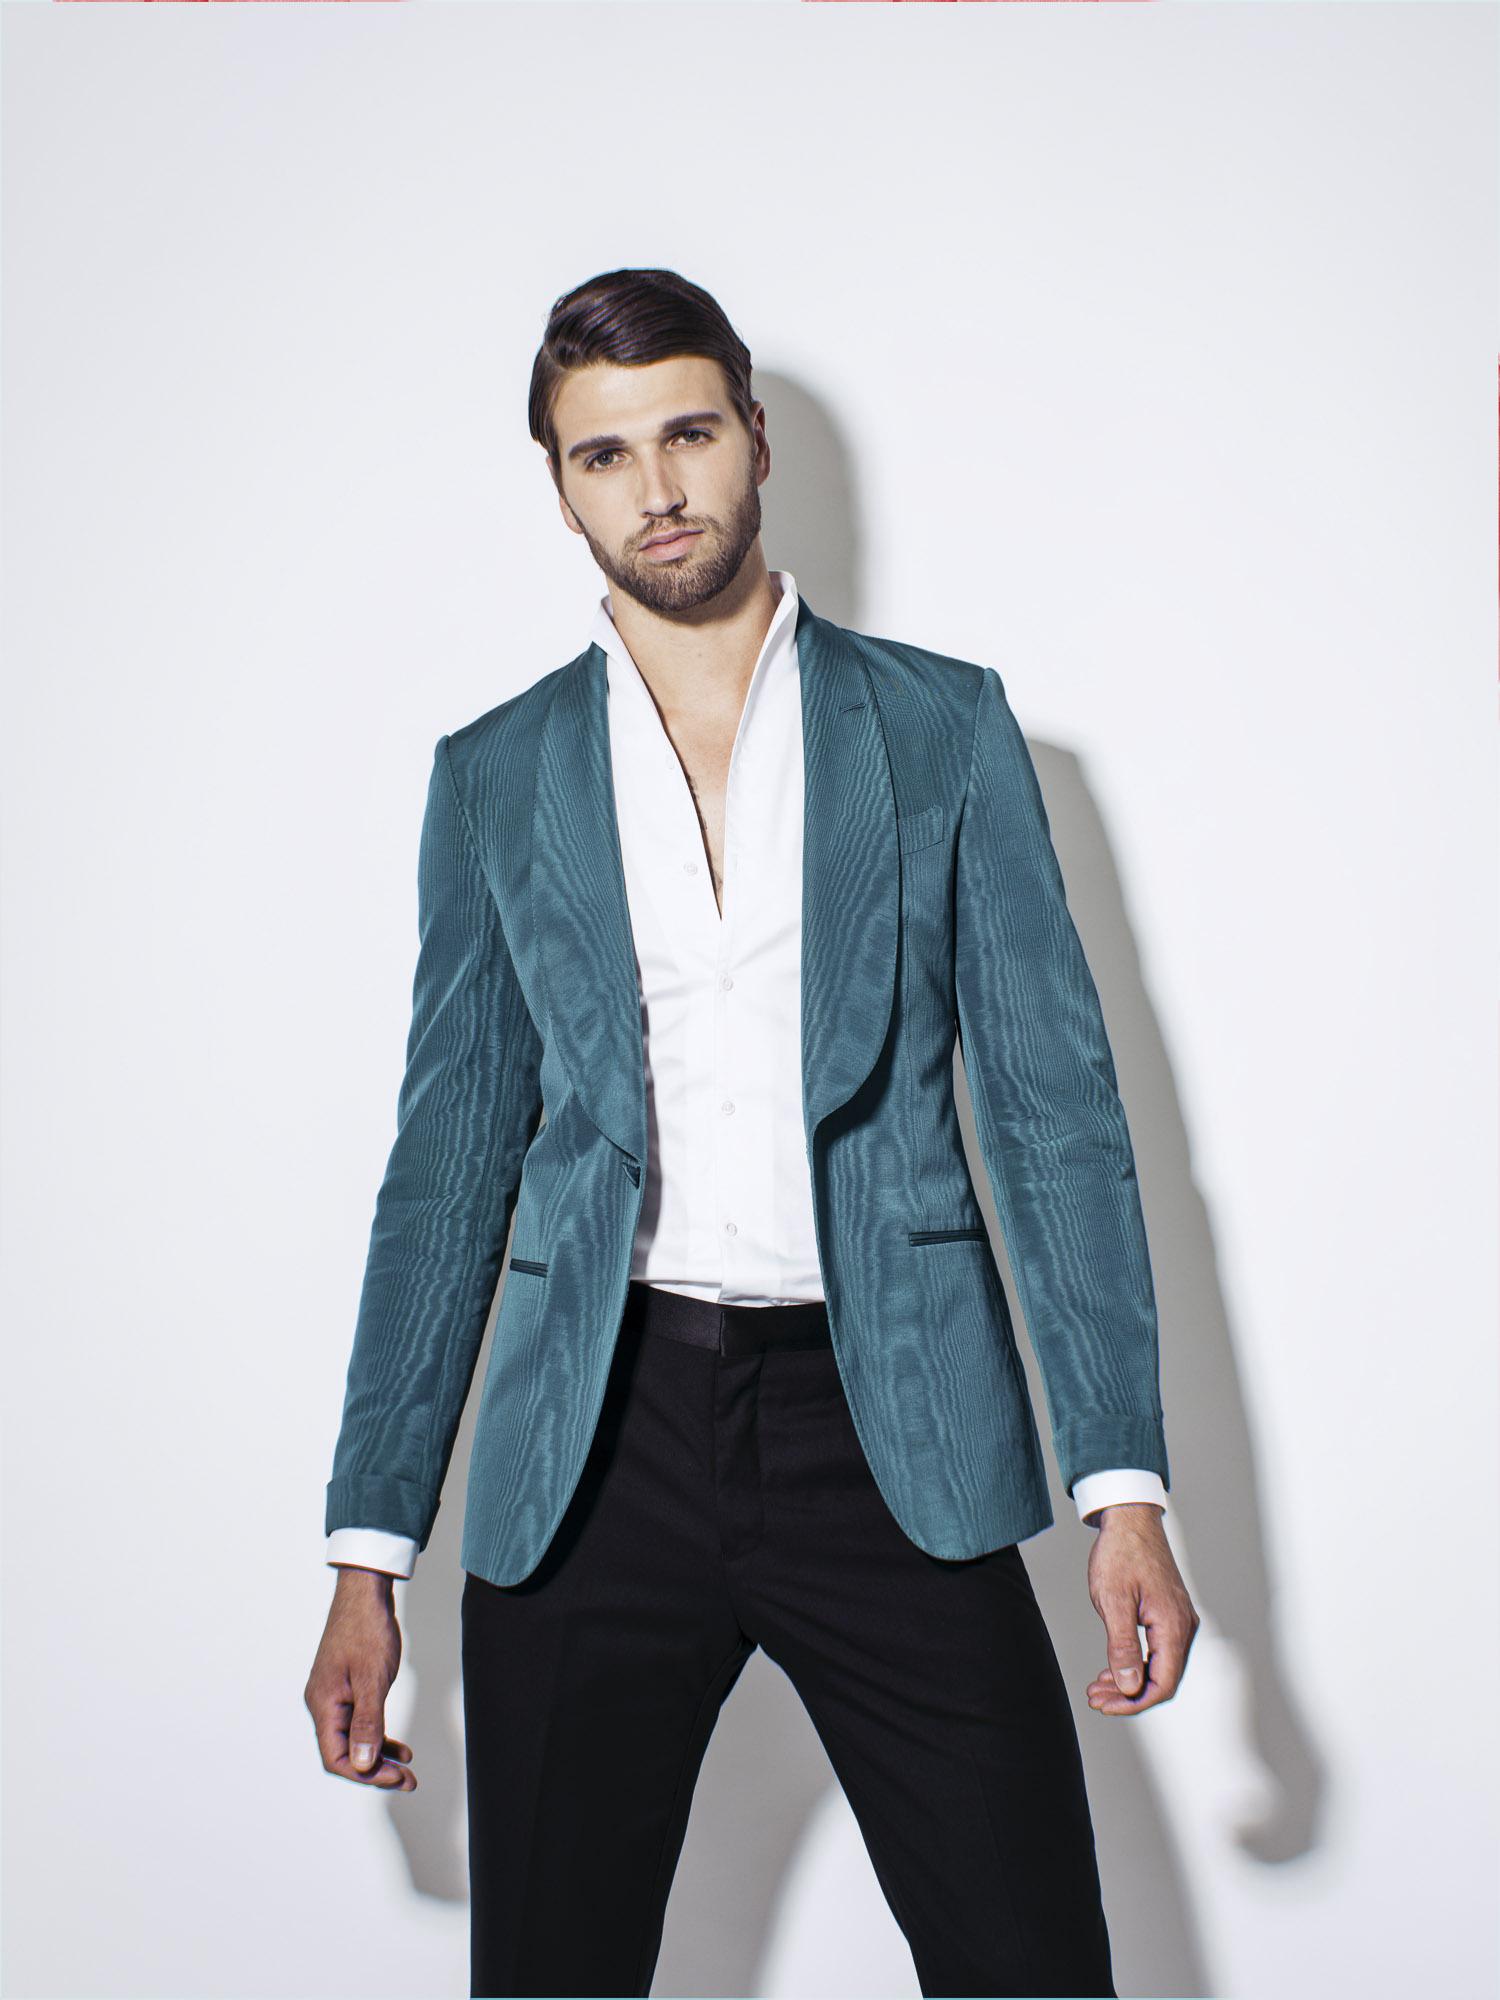 Fashion photography studio singapore services asia photographer photoshoot model jacket deboneire jose jeuland 3